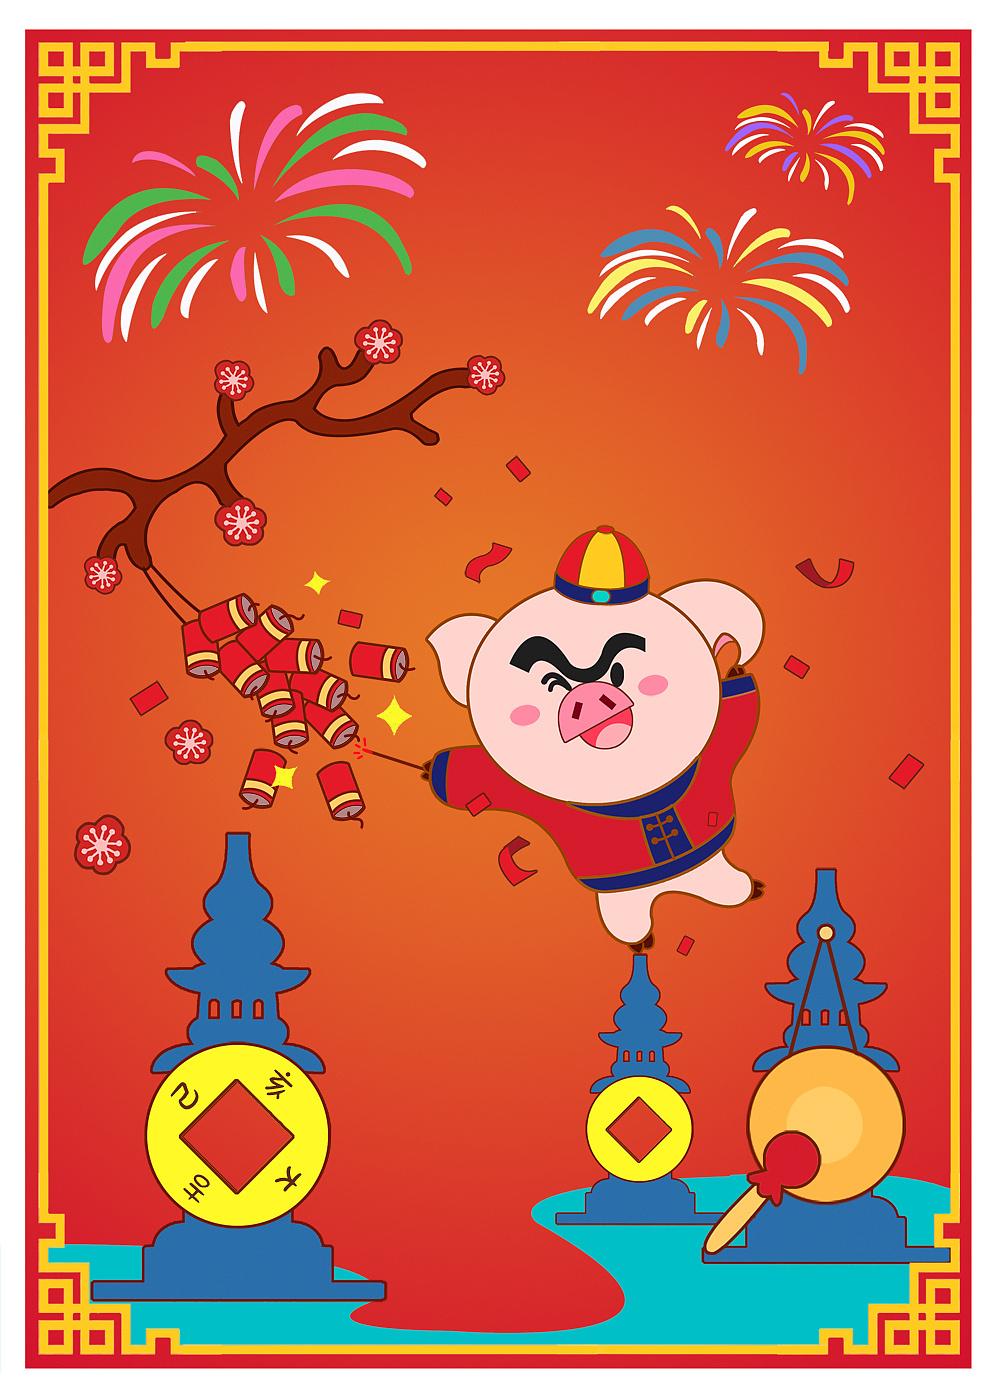 猪年画猪之---庆新春图片